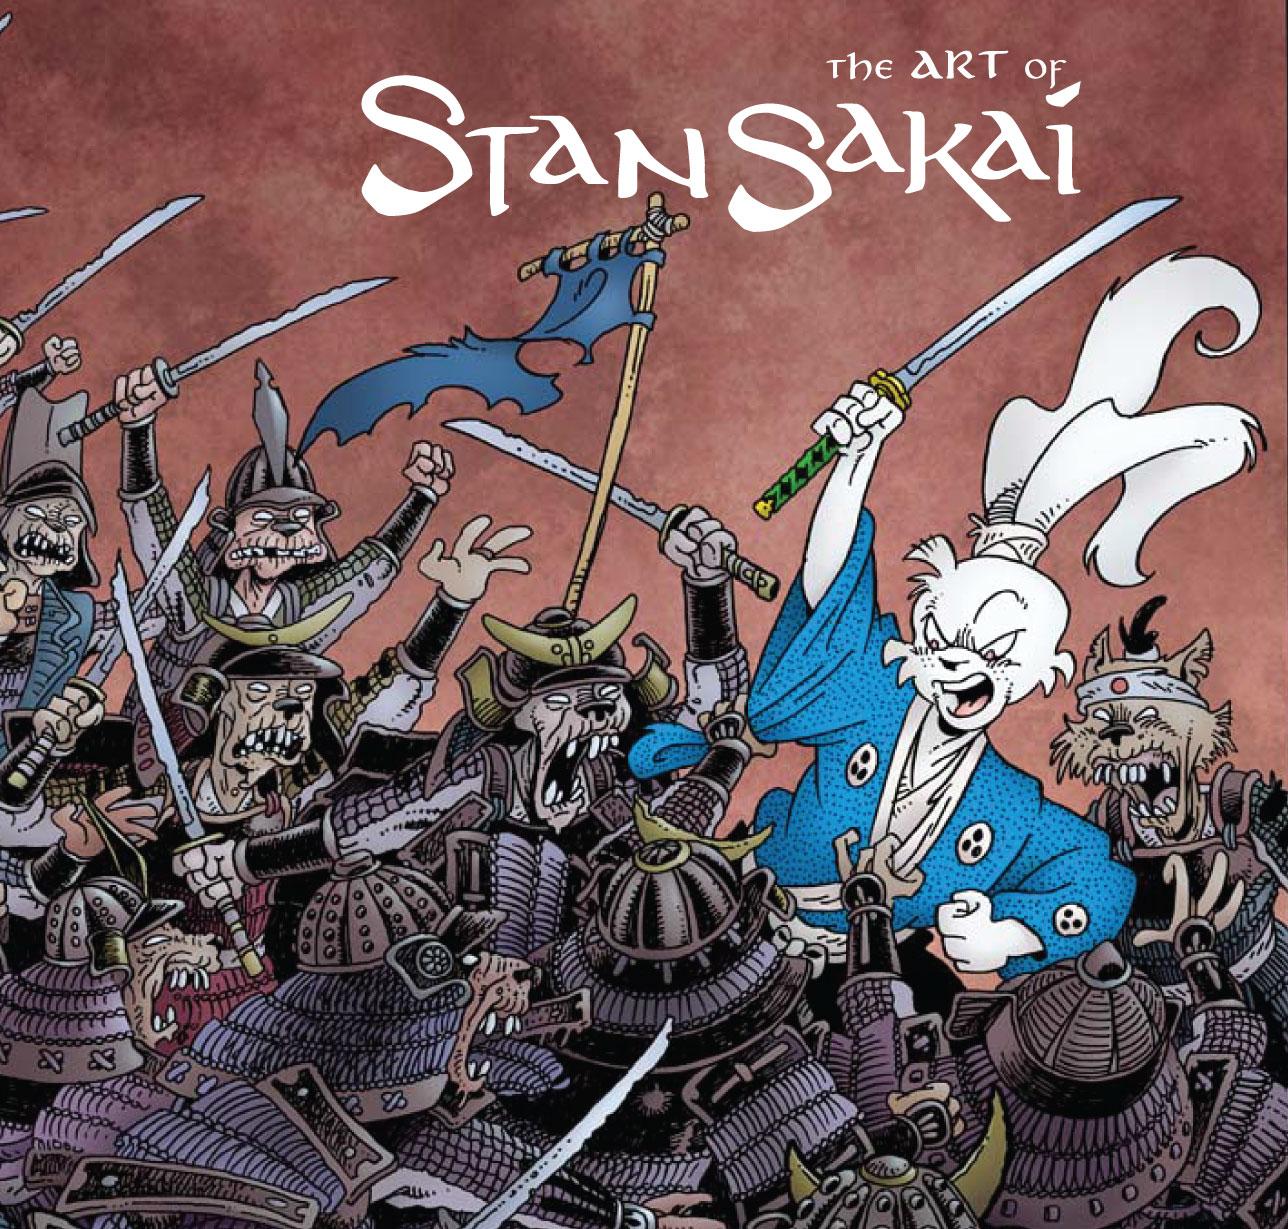 The Art of Stan Sakai: Celebrating 25 Years of Usagi Yojimbo - Feb 27 – Jul 12, 2009